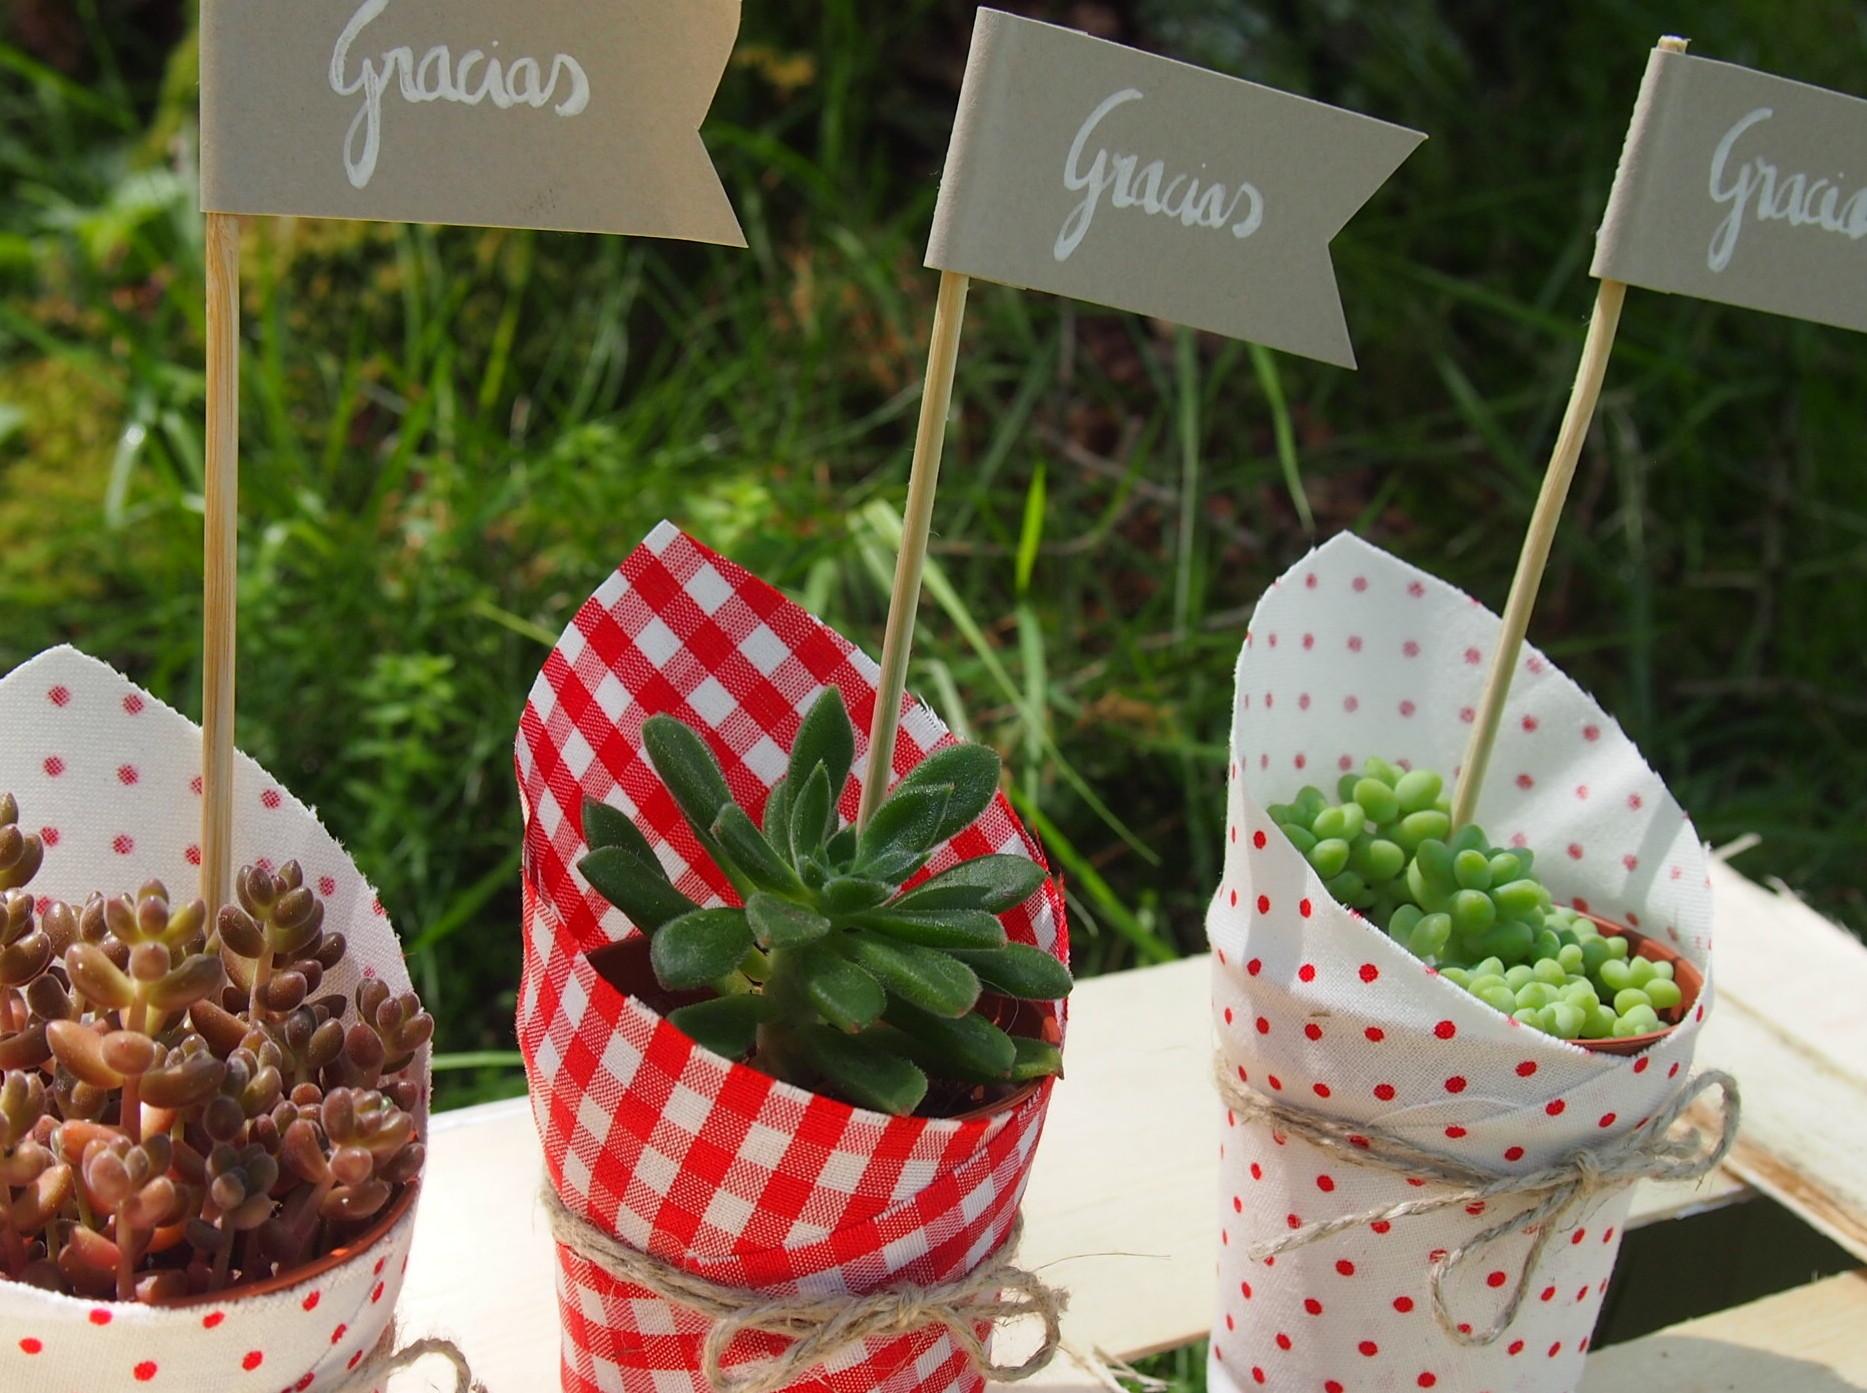 Plantas decoradas como regalo de boda con papeles vistosos